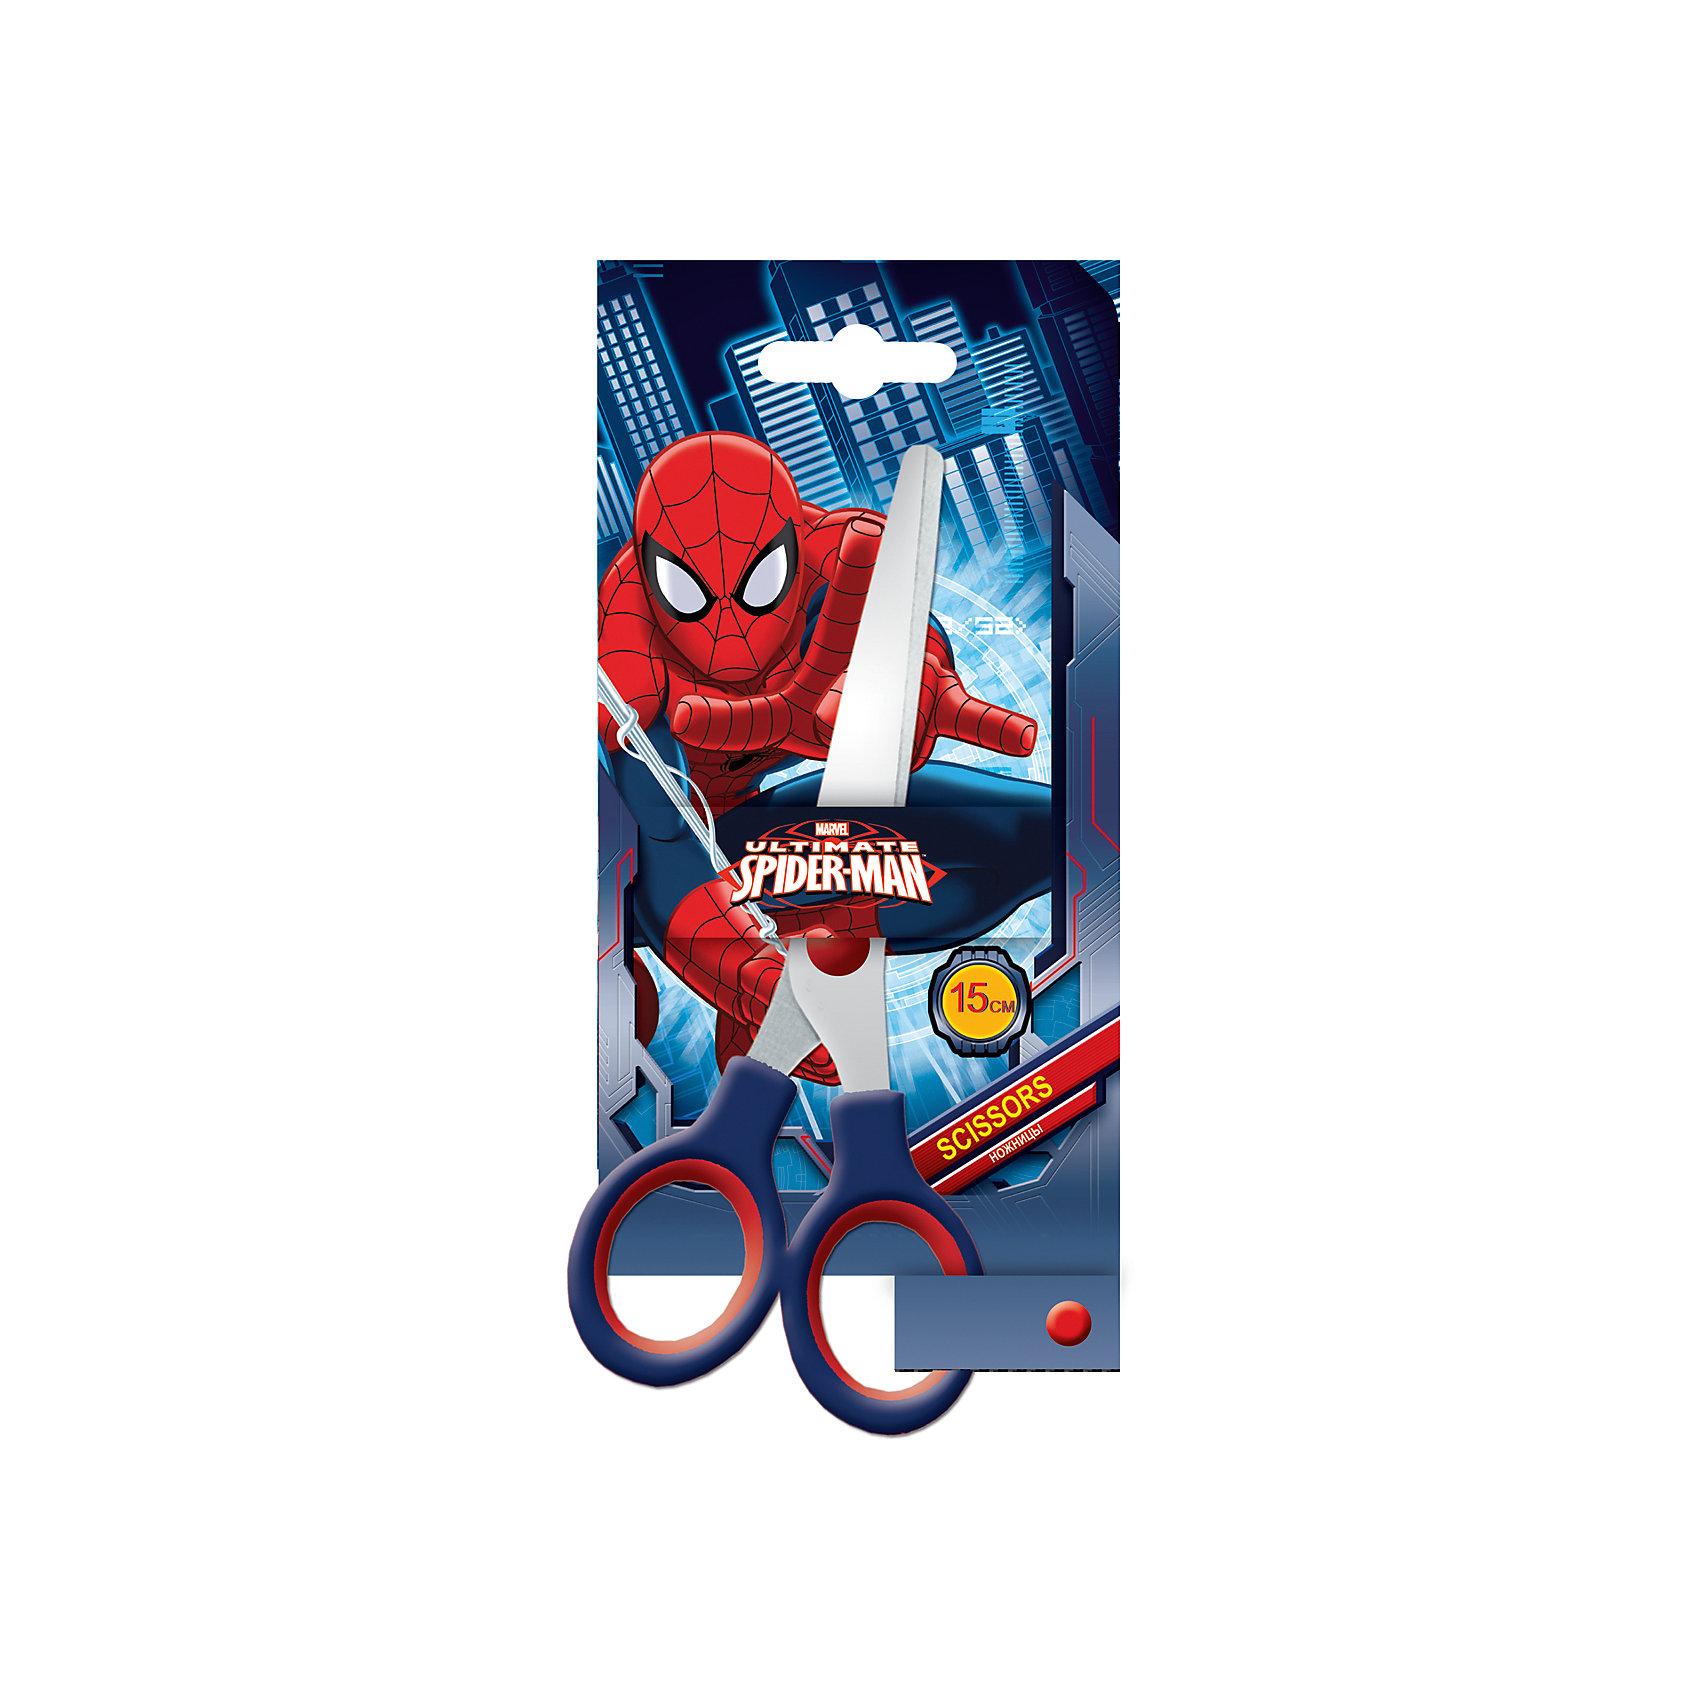 Академия групп Ножницы Человек-Паук 15 см академия групп пенал человек паук